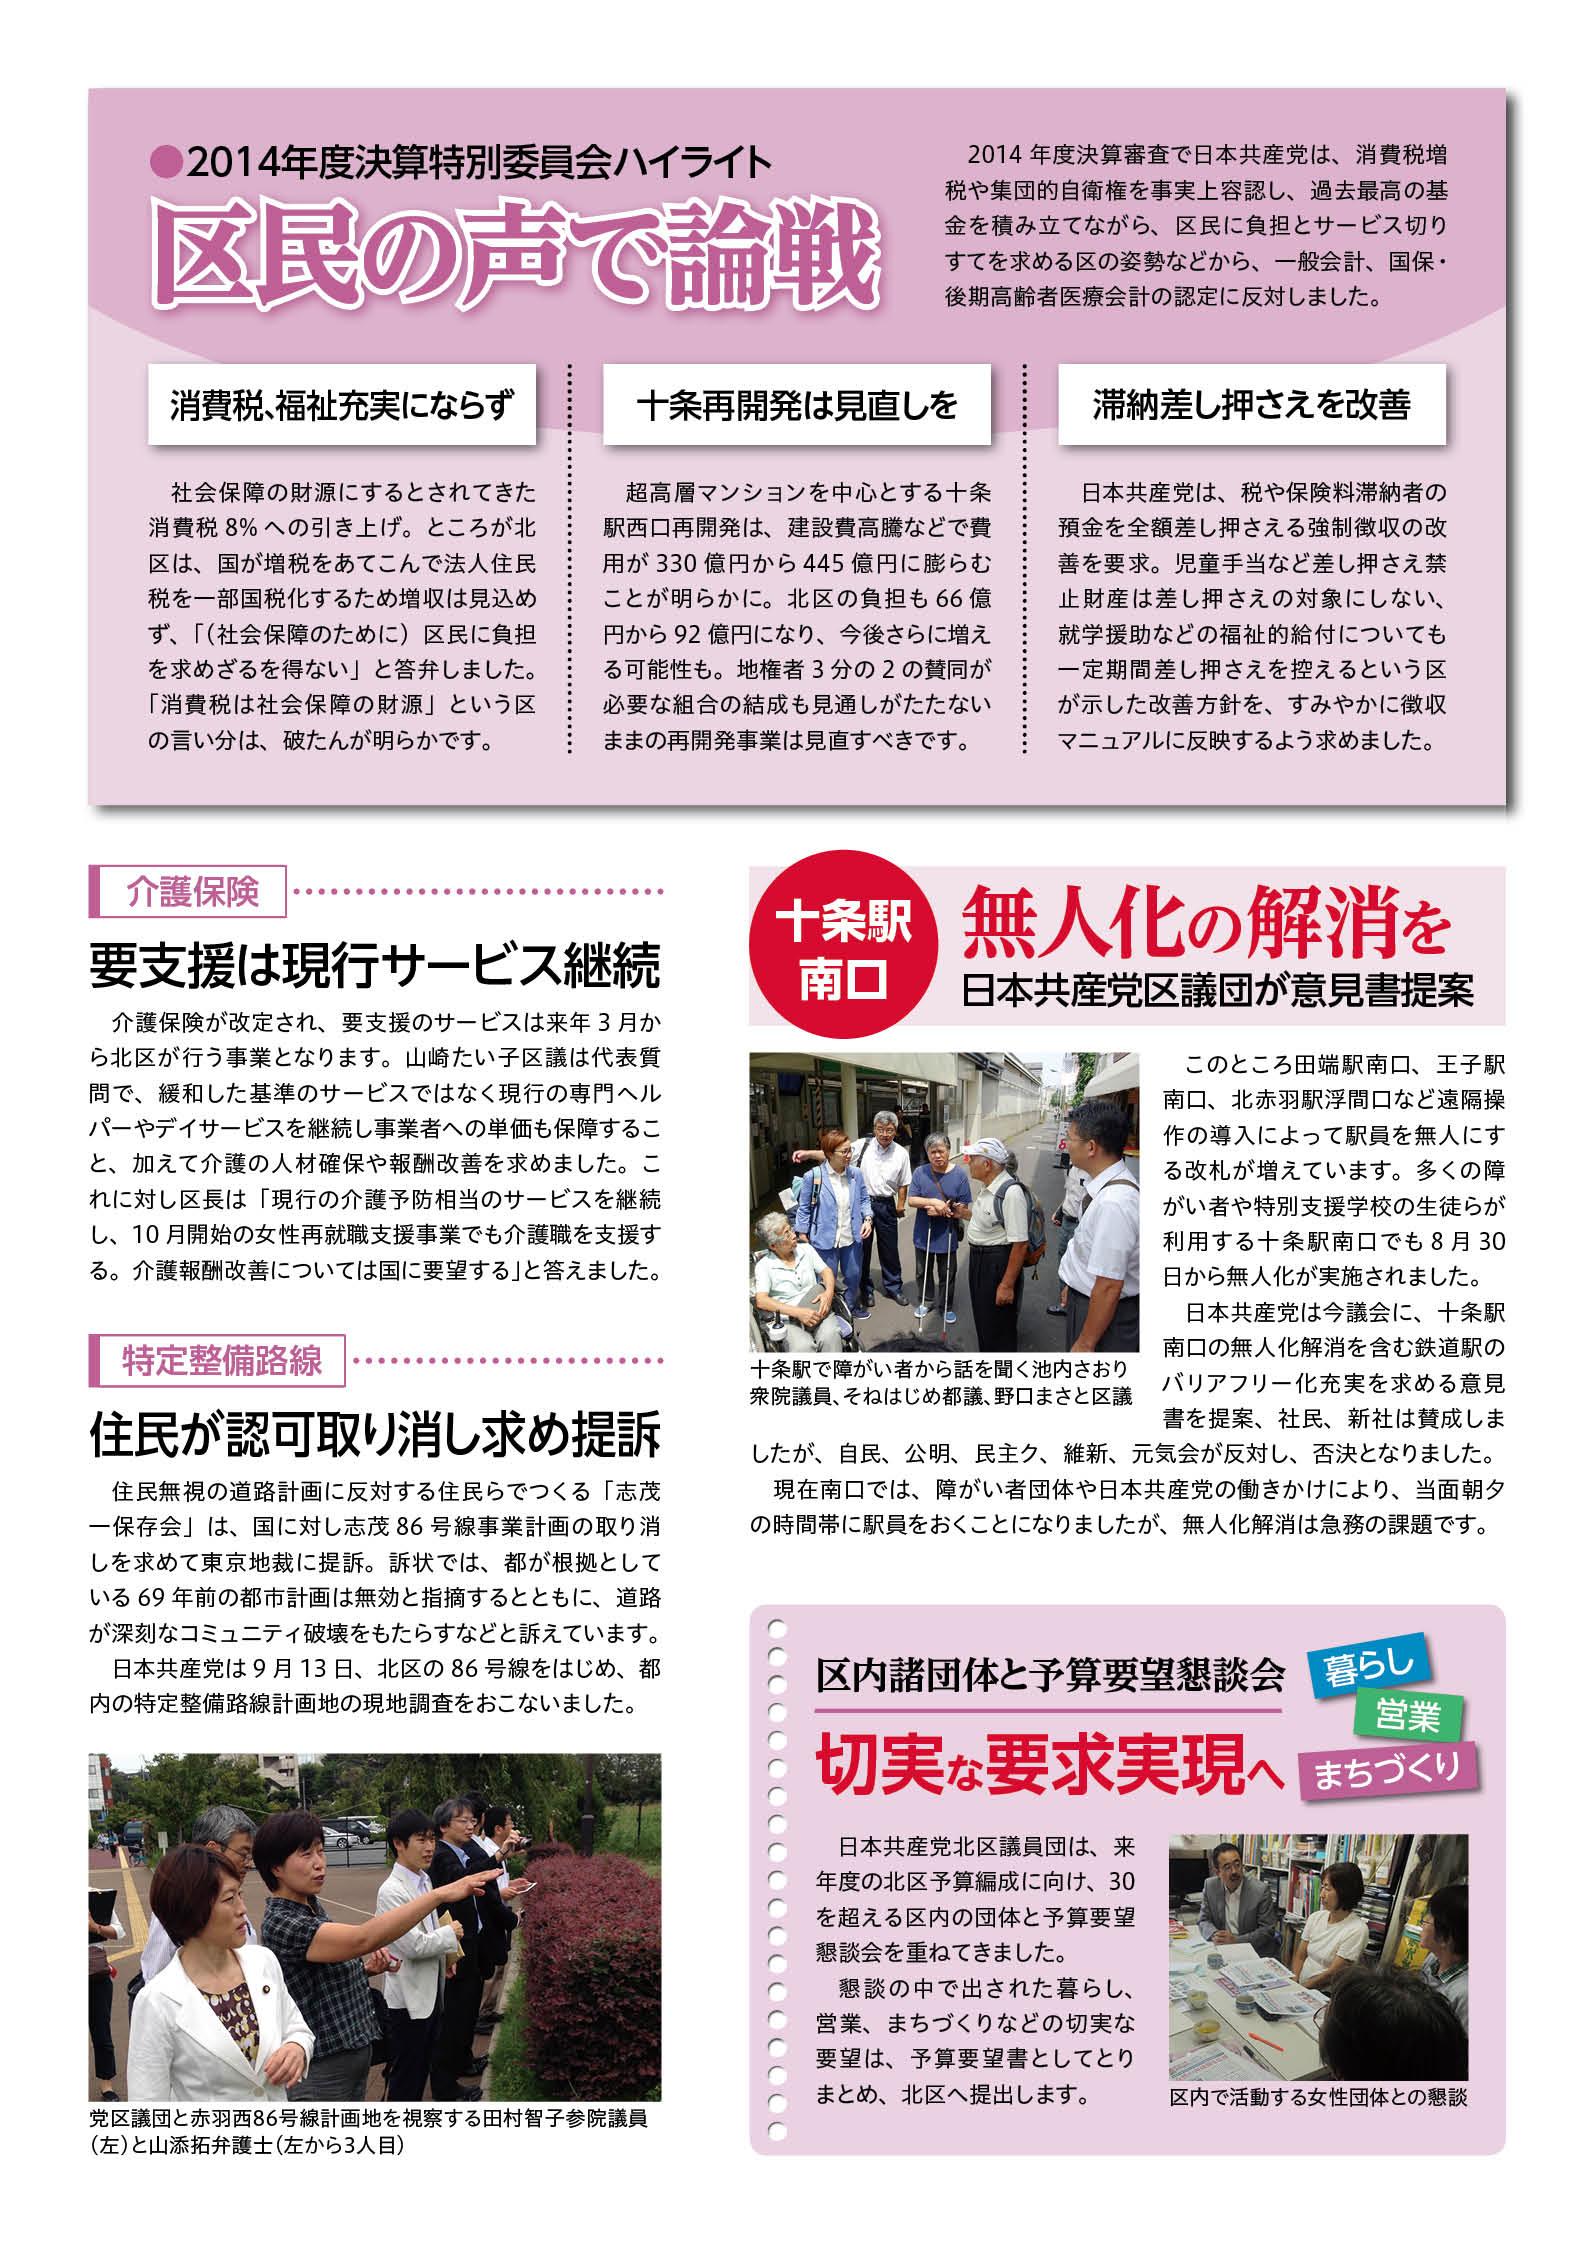 dan-news-2015-03-02